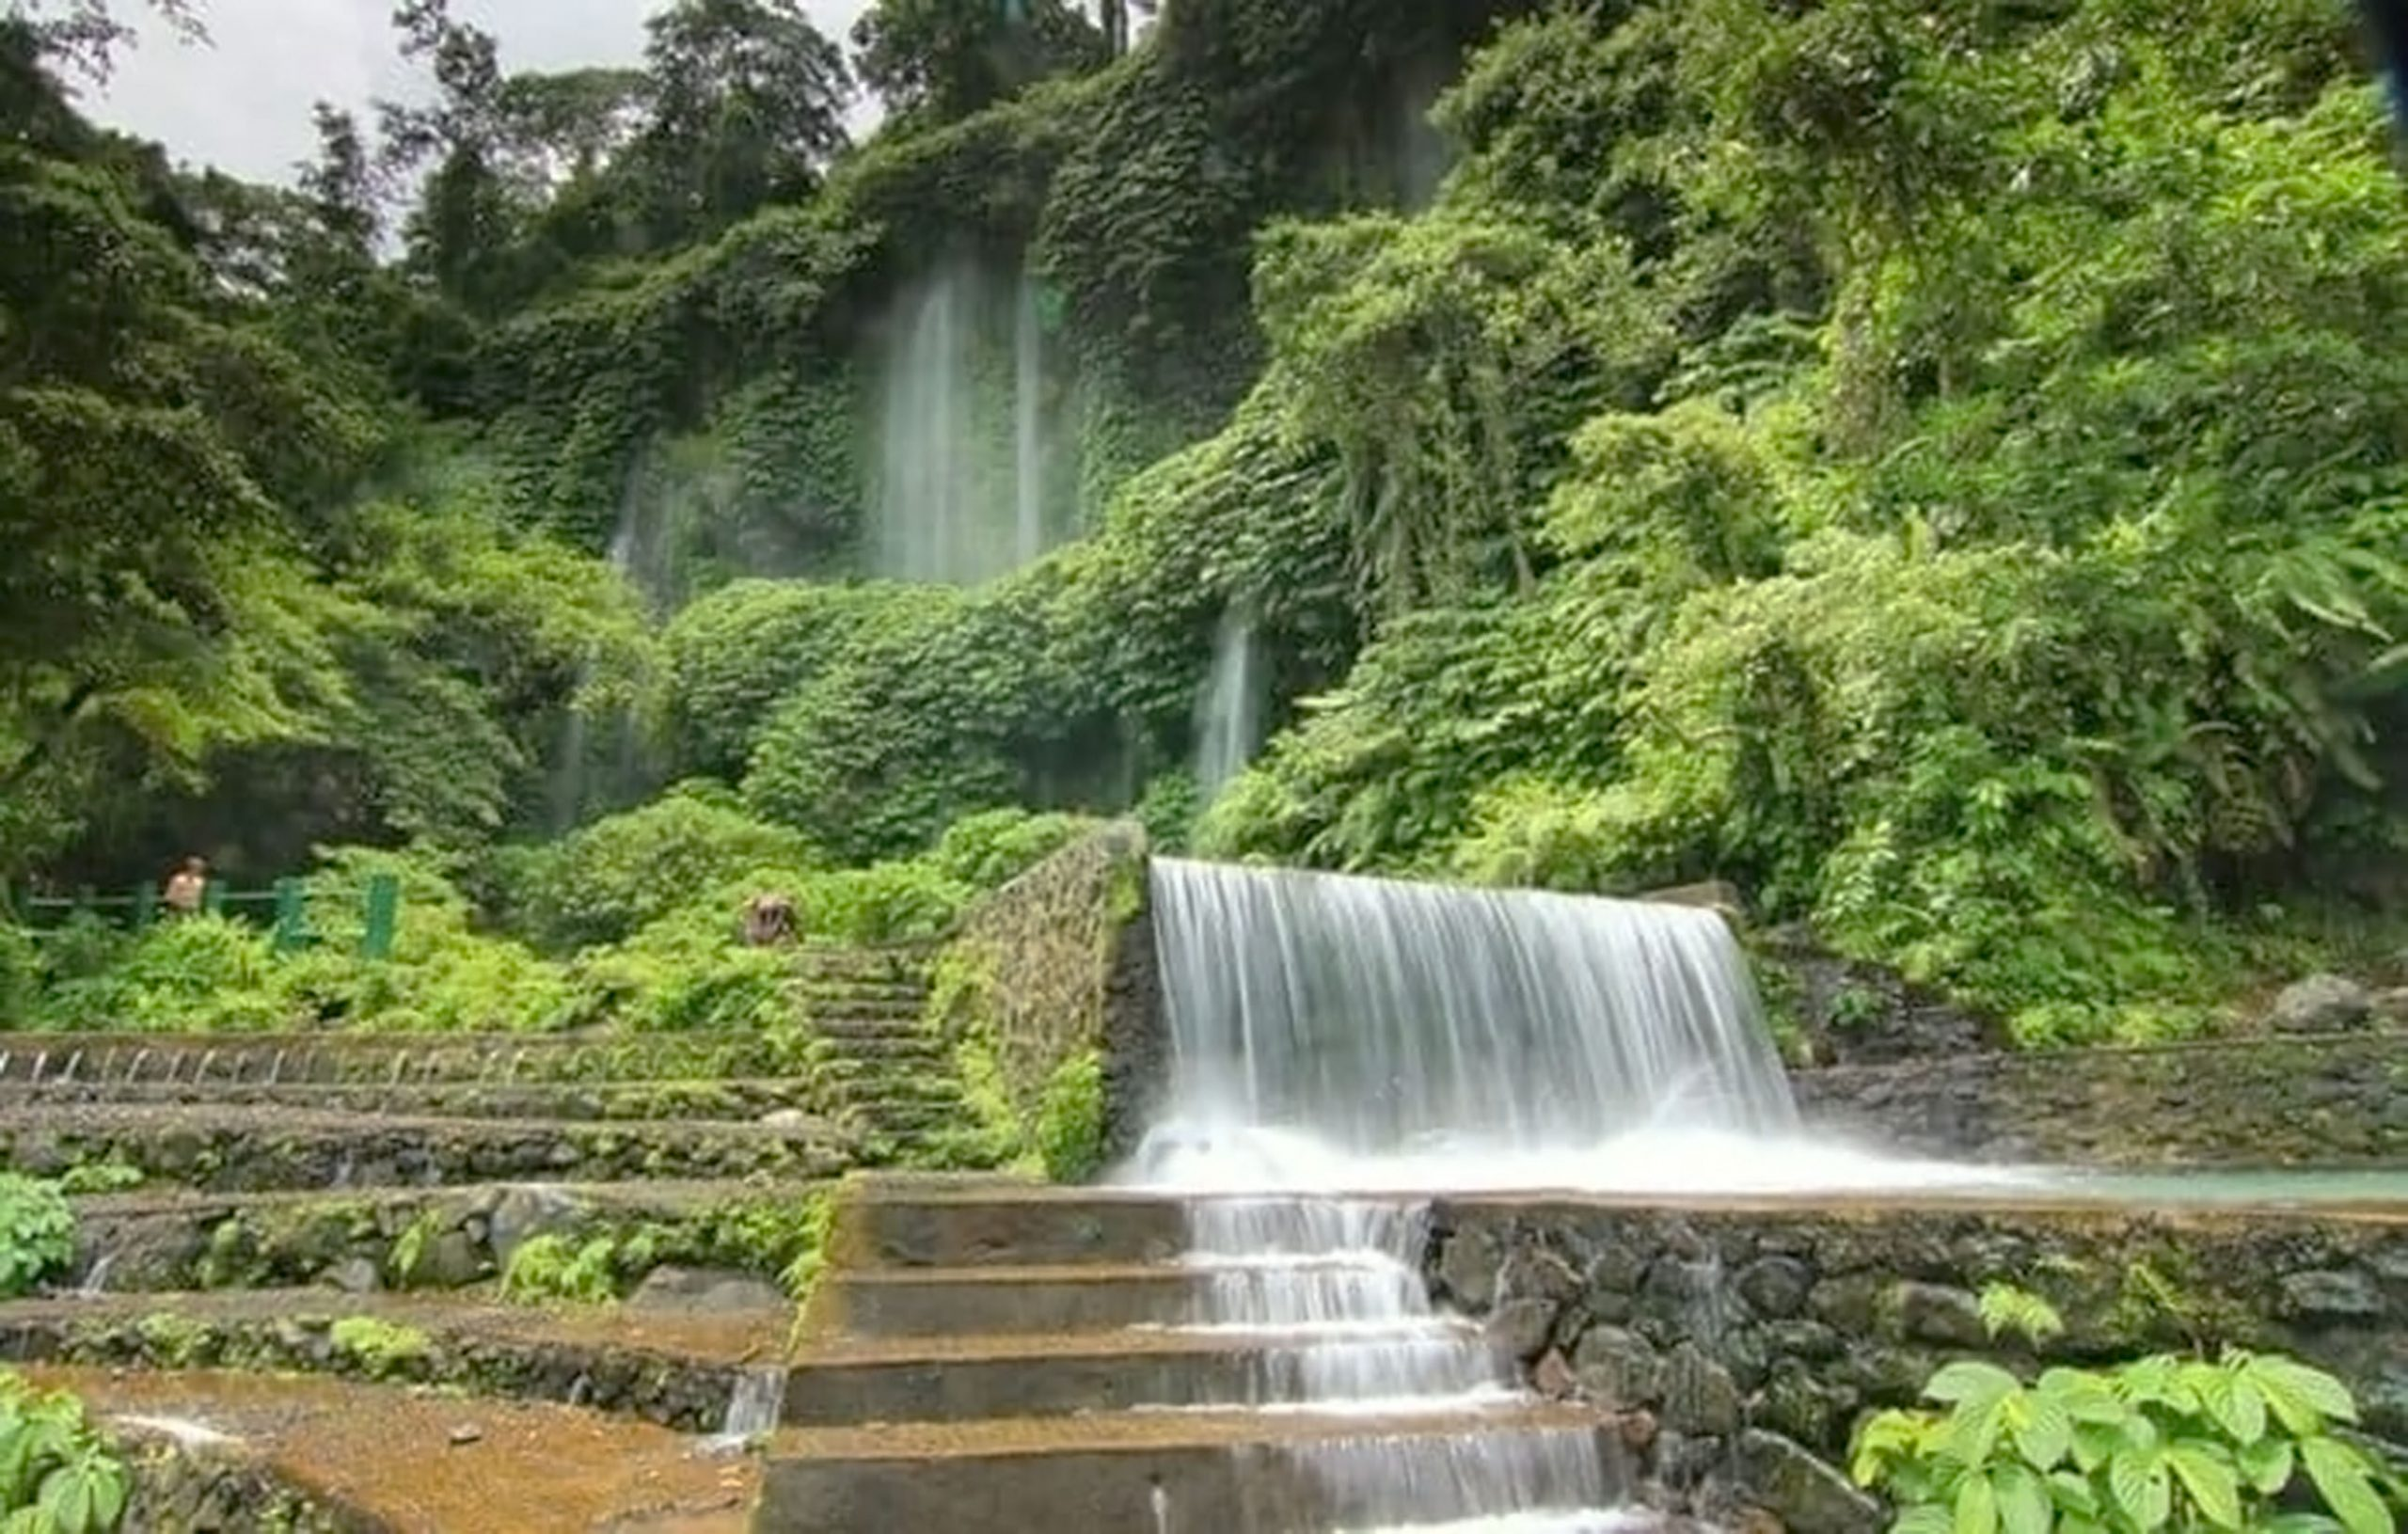 tempat-wisata-indonesia-air-terjun-benang-kelambu-lombok